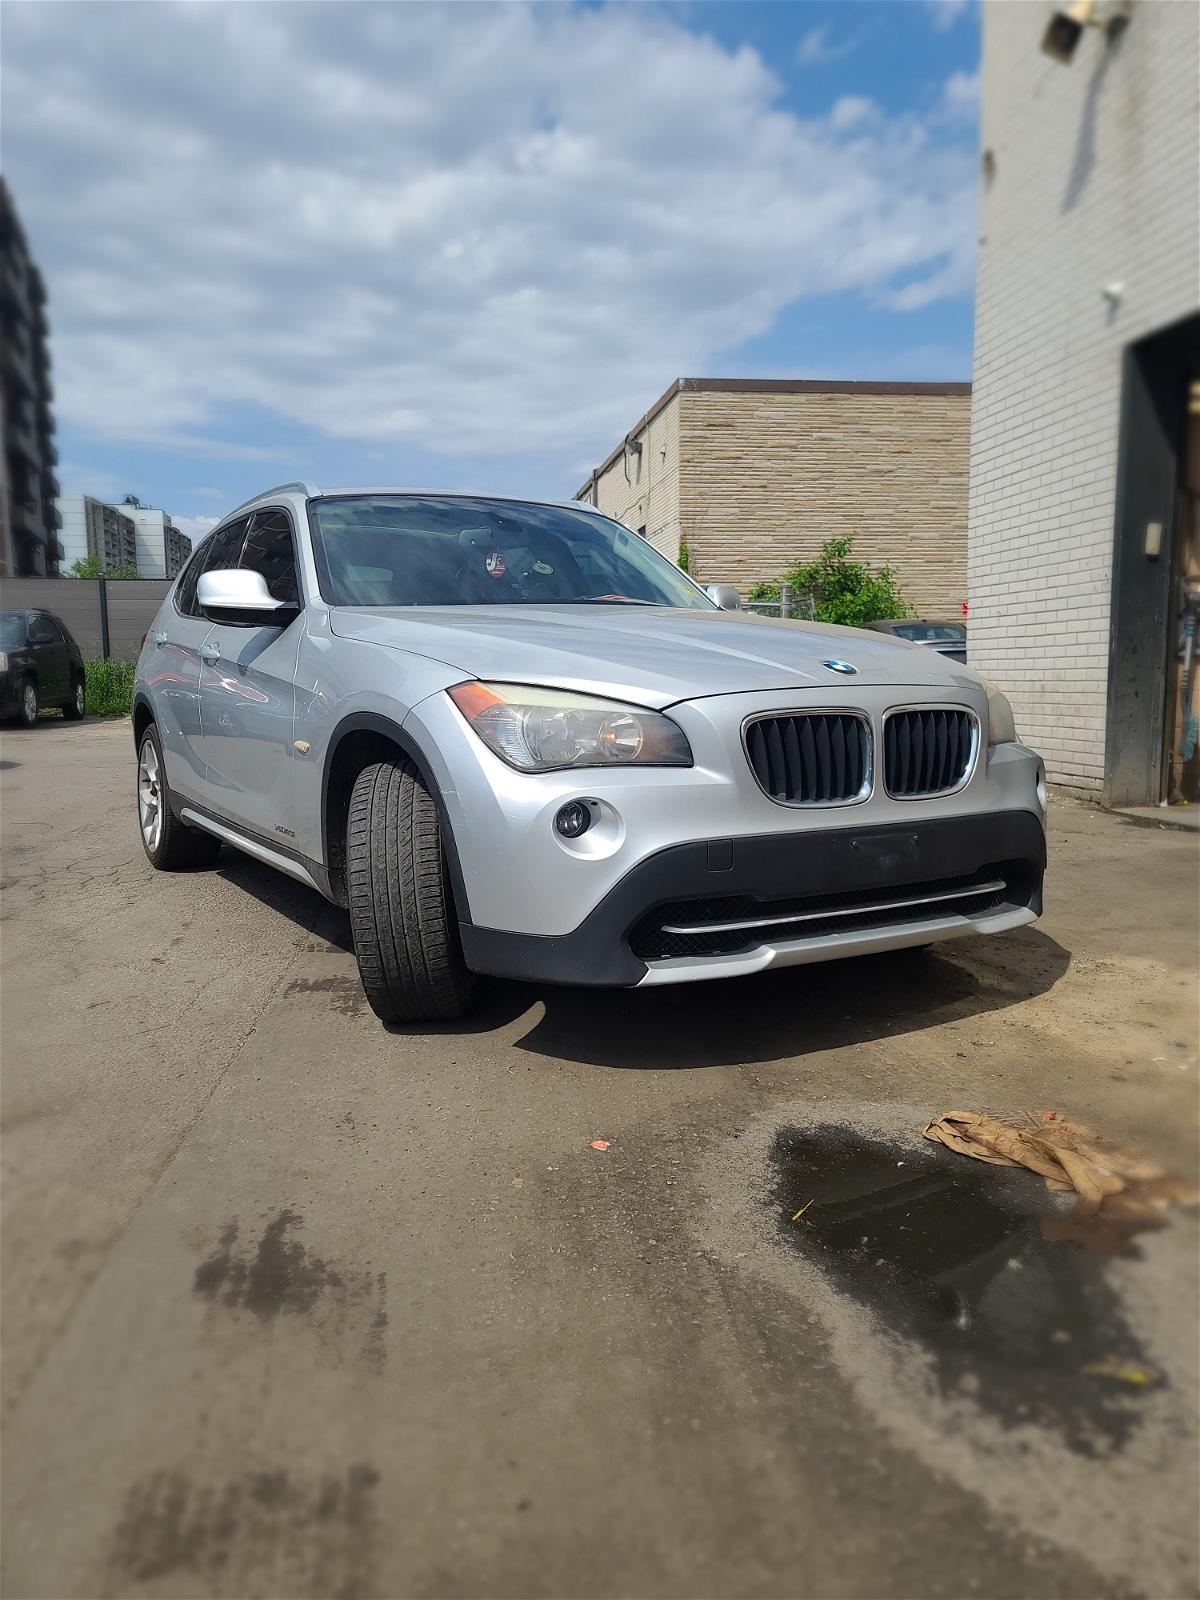 2012 - BMW - X1 - WBAVL1C52CVR76750